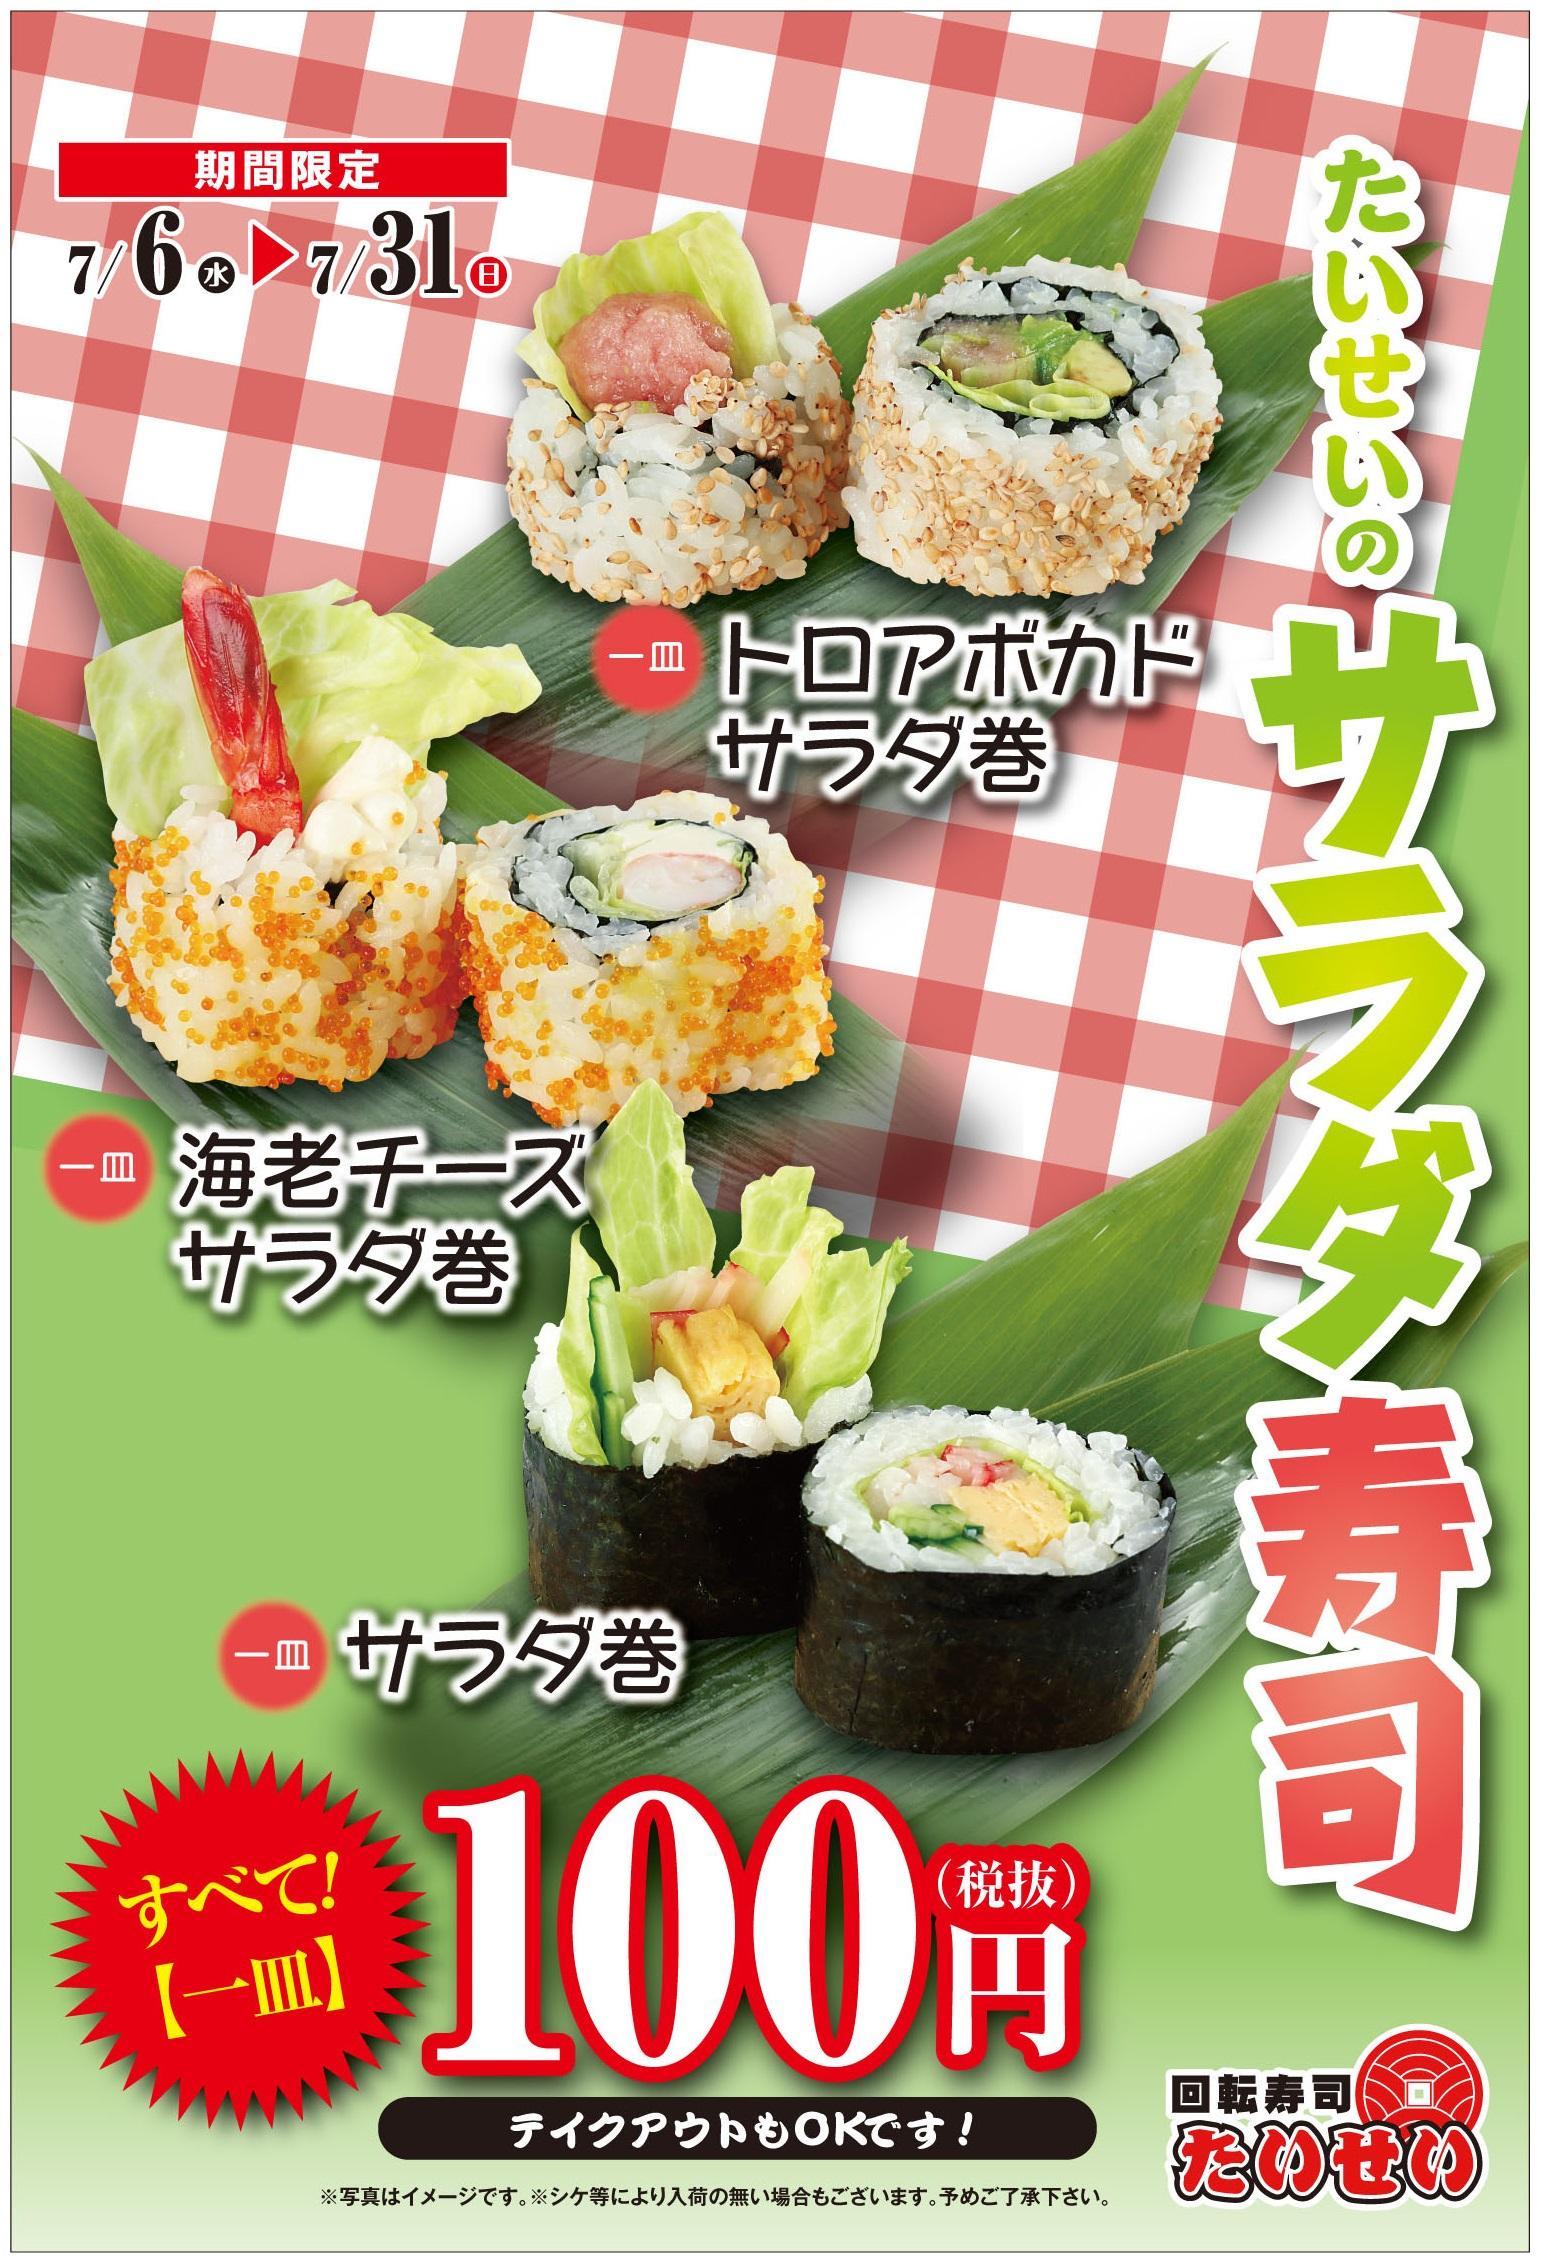 ★たいせいのサラダ寿司★